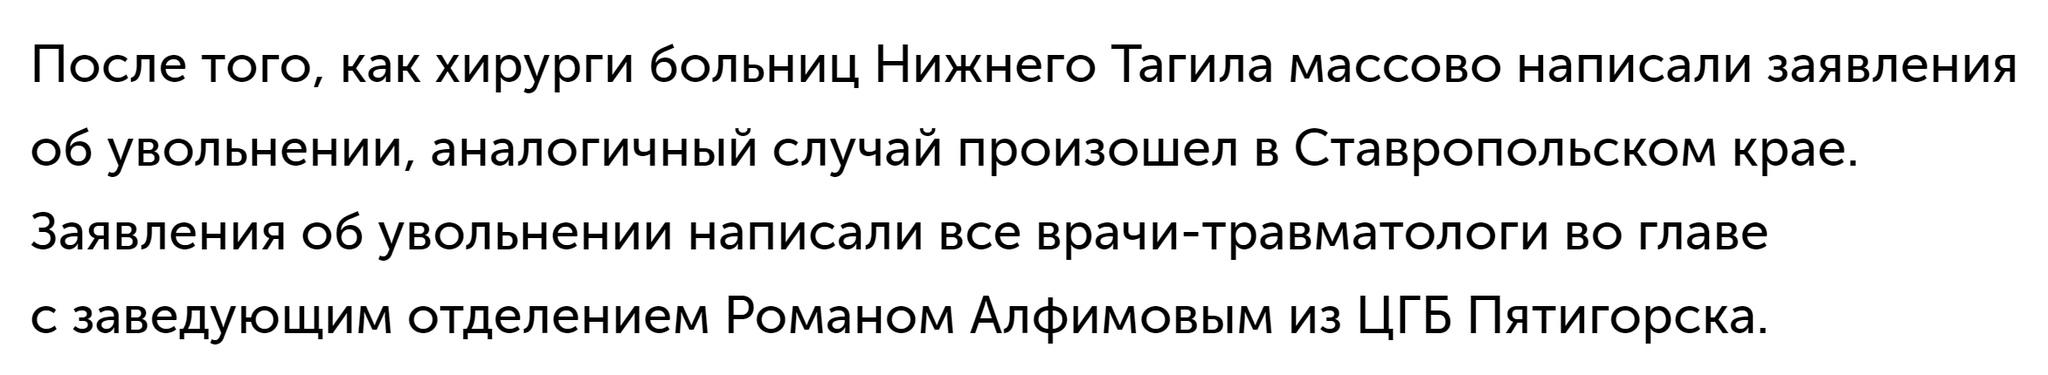 После хирургов Нижнего Тагила массово уволились травматологи Ставрополья